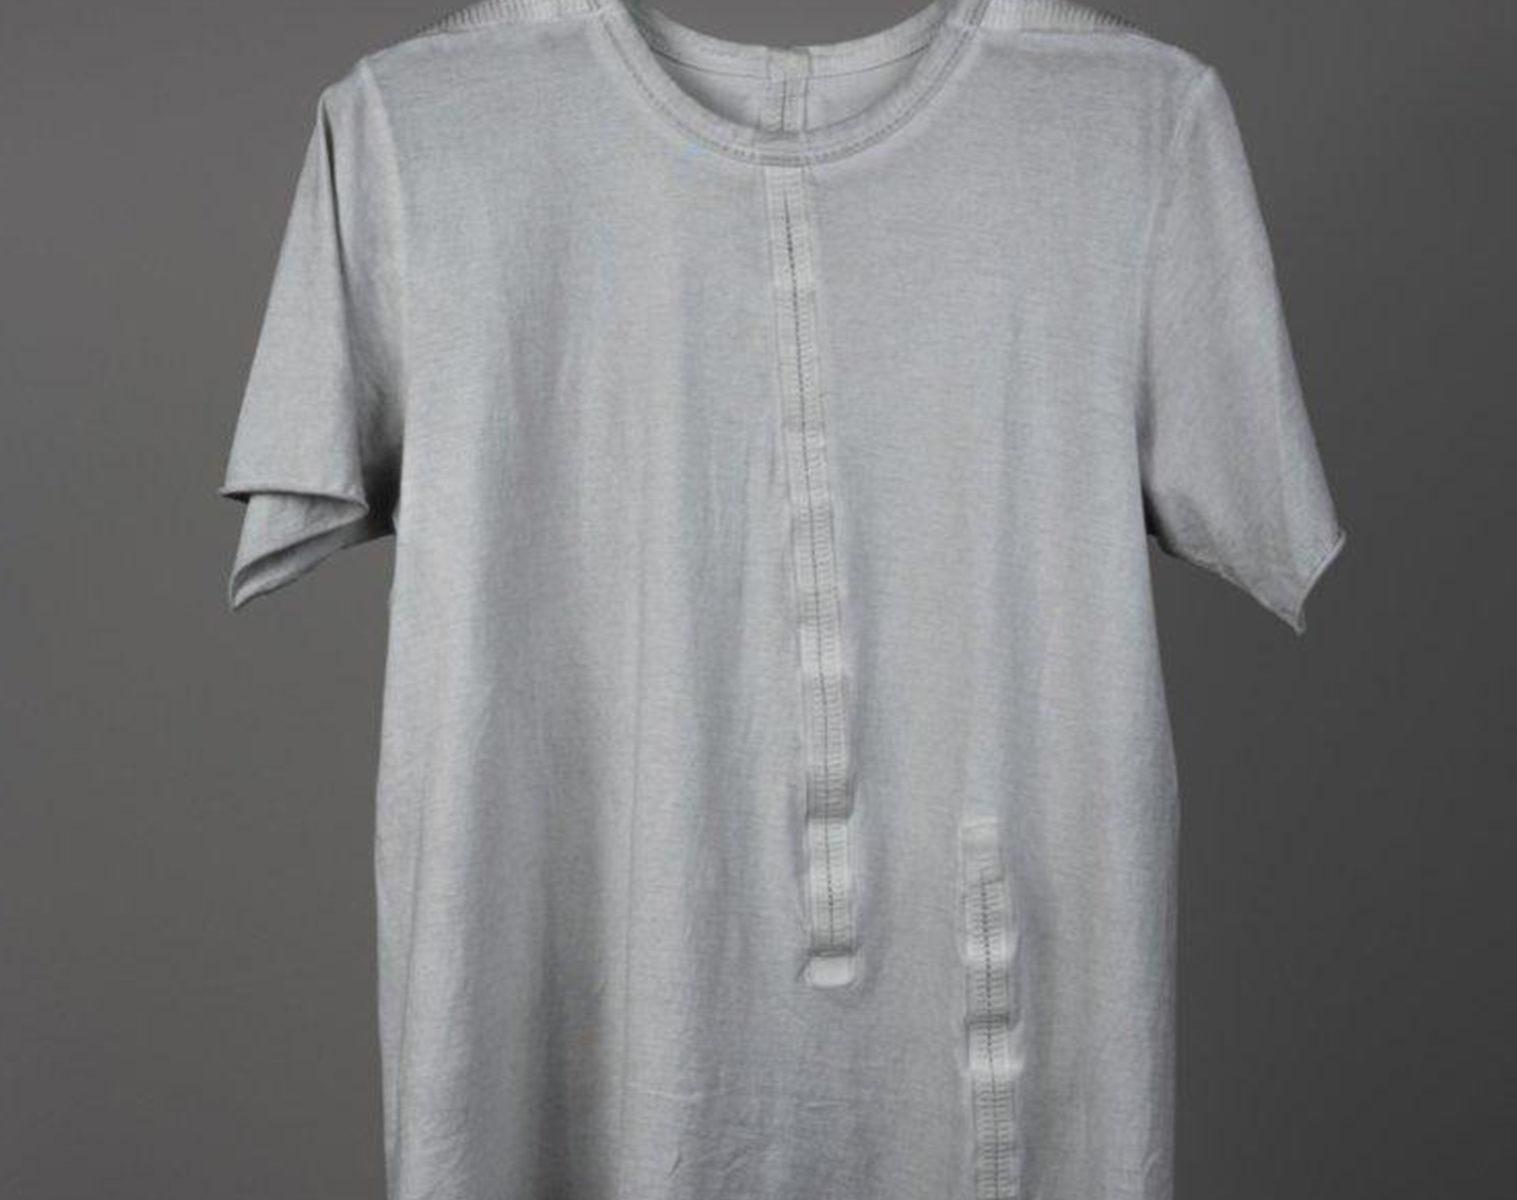 ISAAC SELLAM T Shirt Seam Taped 1